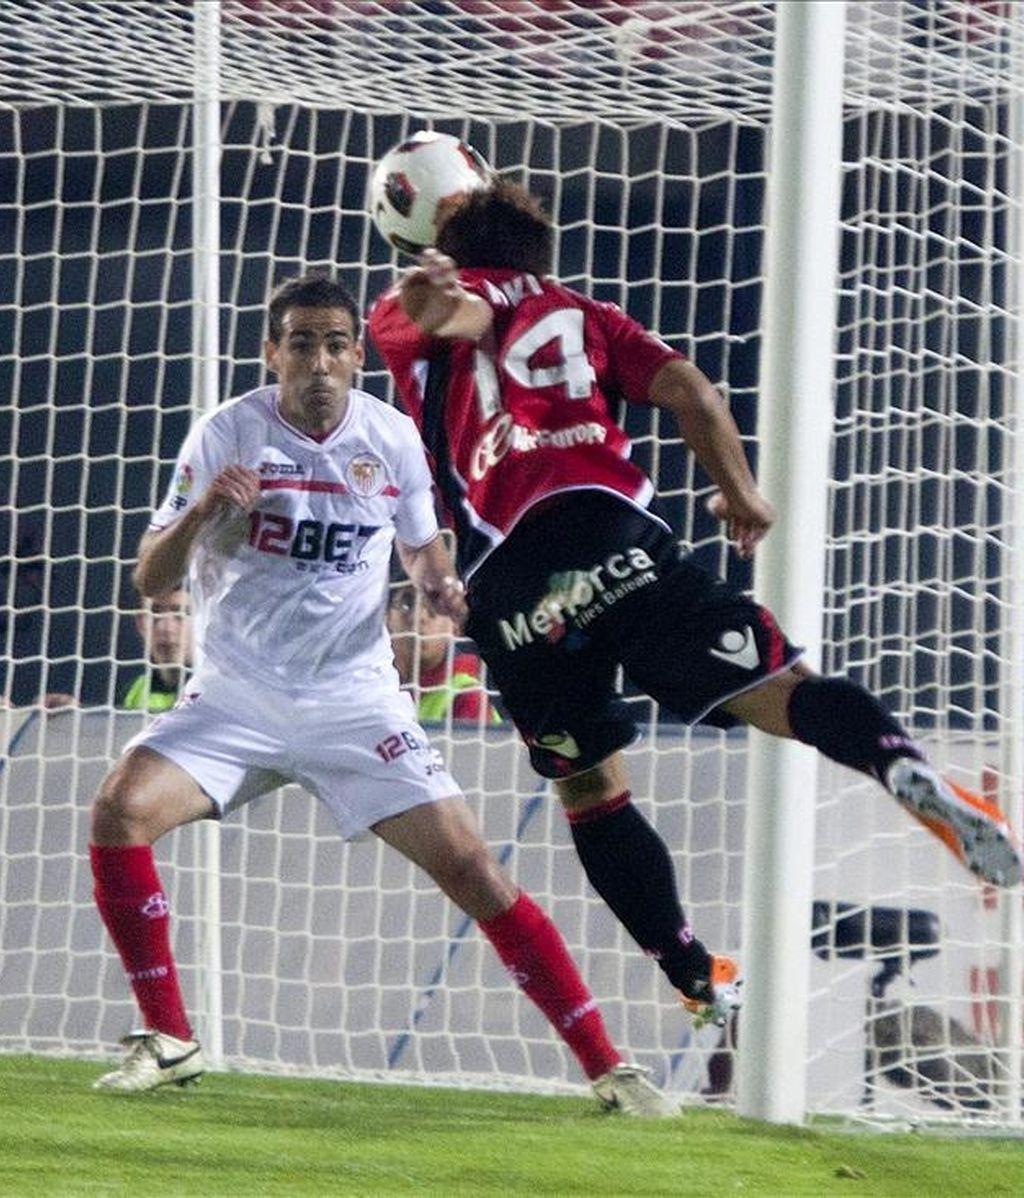 El centrocampista japonés del RCD Mallorca Akihiro Ienaga (d) remata un balón ante el defensa del Sevilla CF Fernando Navarro durante el partido correspondiente a la trigésimo primera jornada del Campeonato Nacional de Liga de Primera División que enfrentó a ambos equipos en el estadio Iberostar. EFE